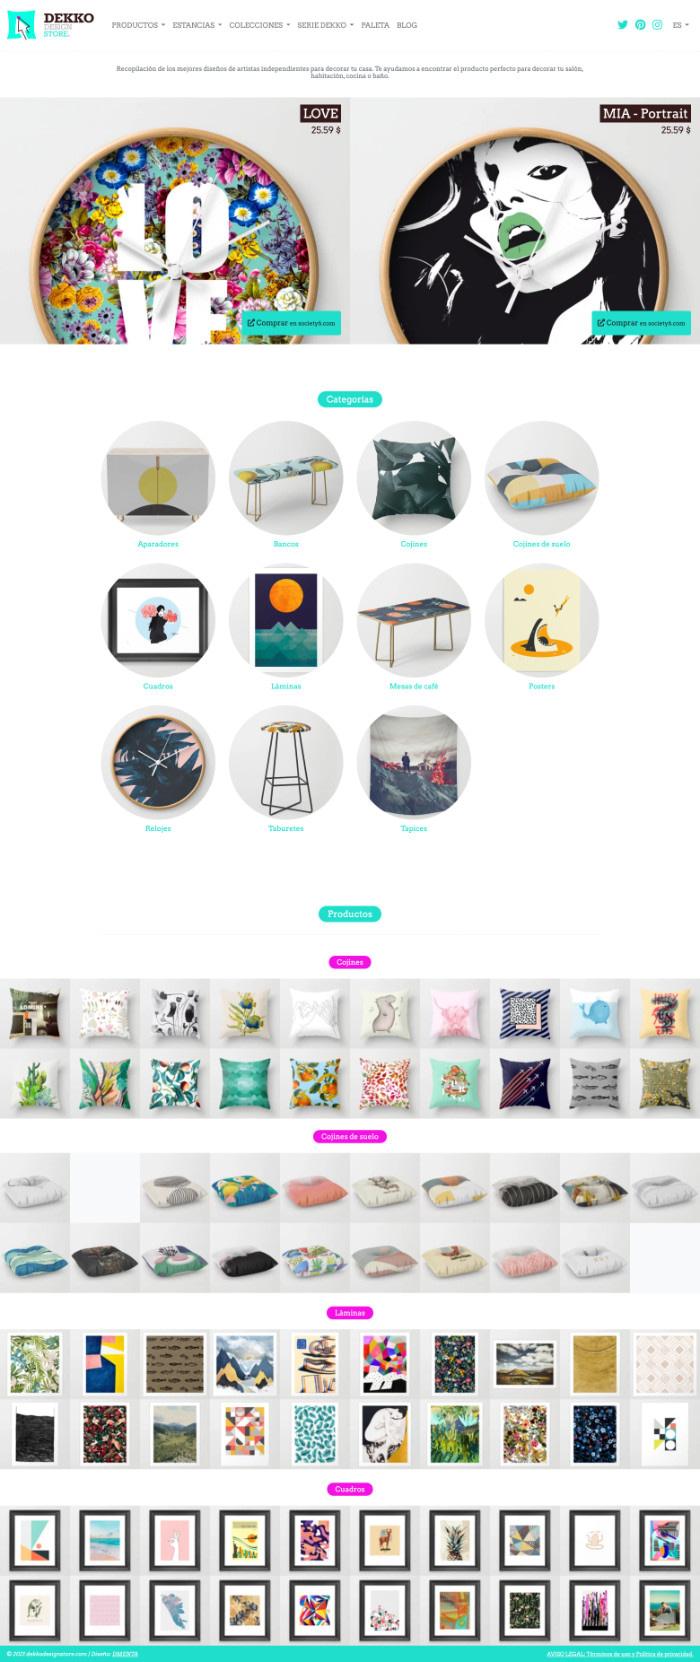 DEKKO - Design Store